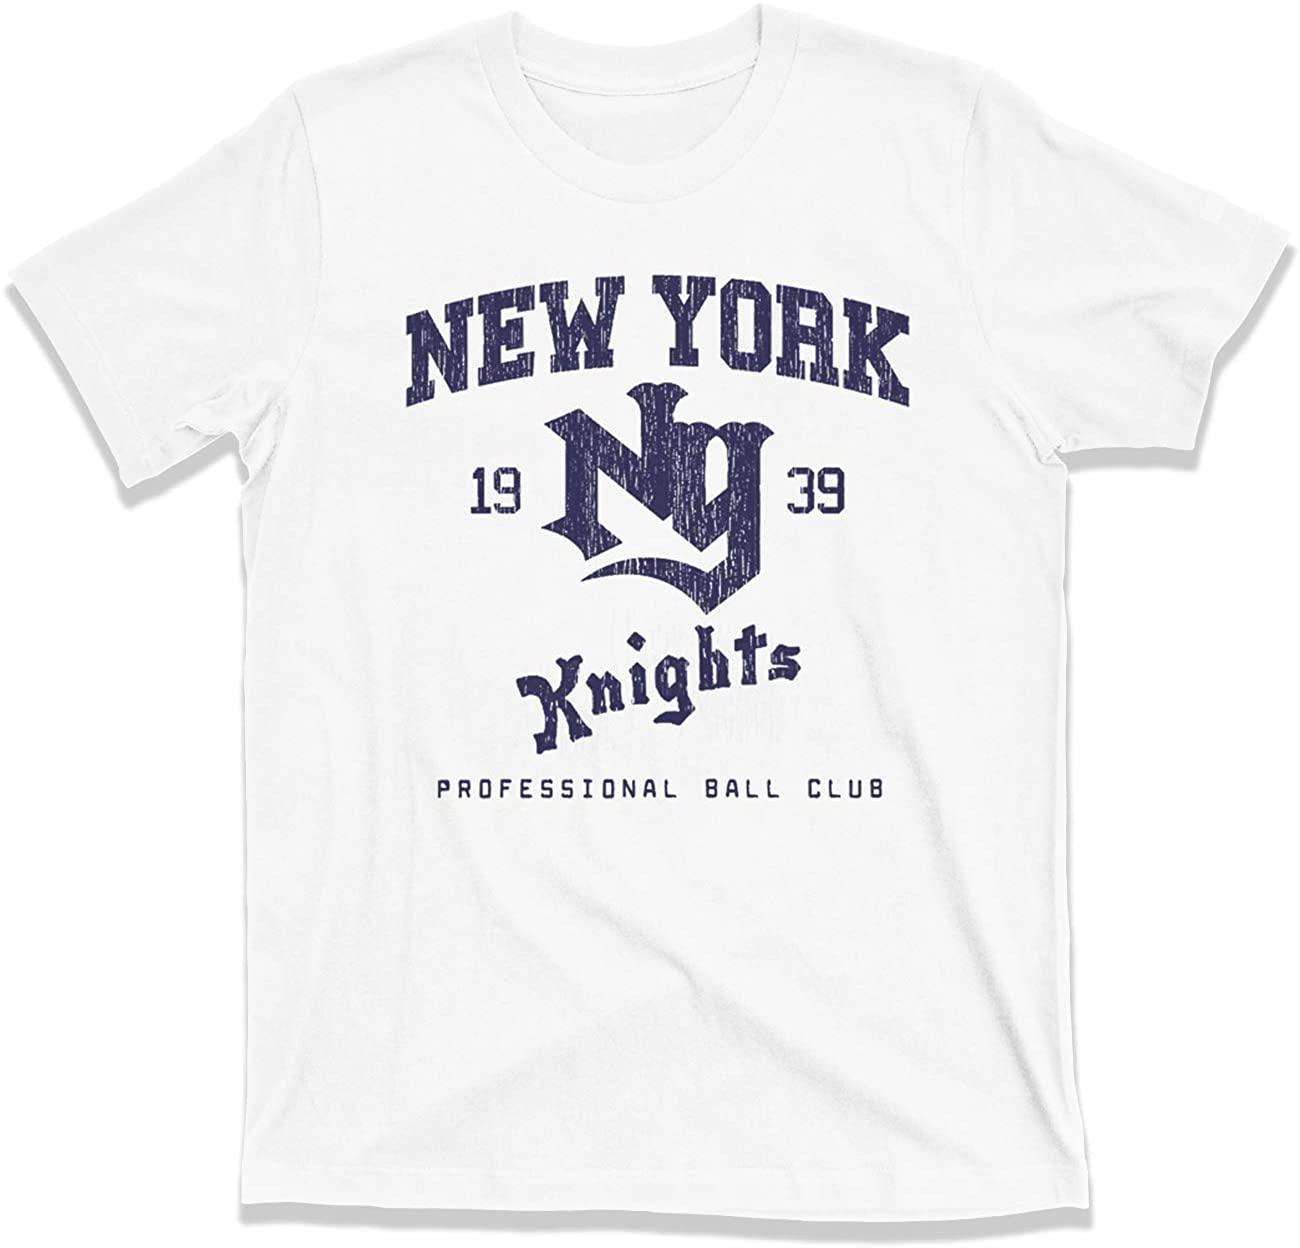 NY Knights Baseball Roy Hobbs The Natural wonderboy Robert Redford tee T Shirt